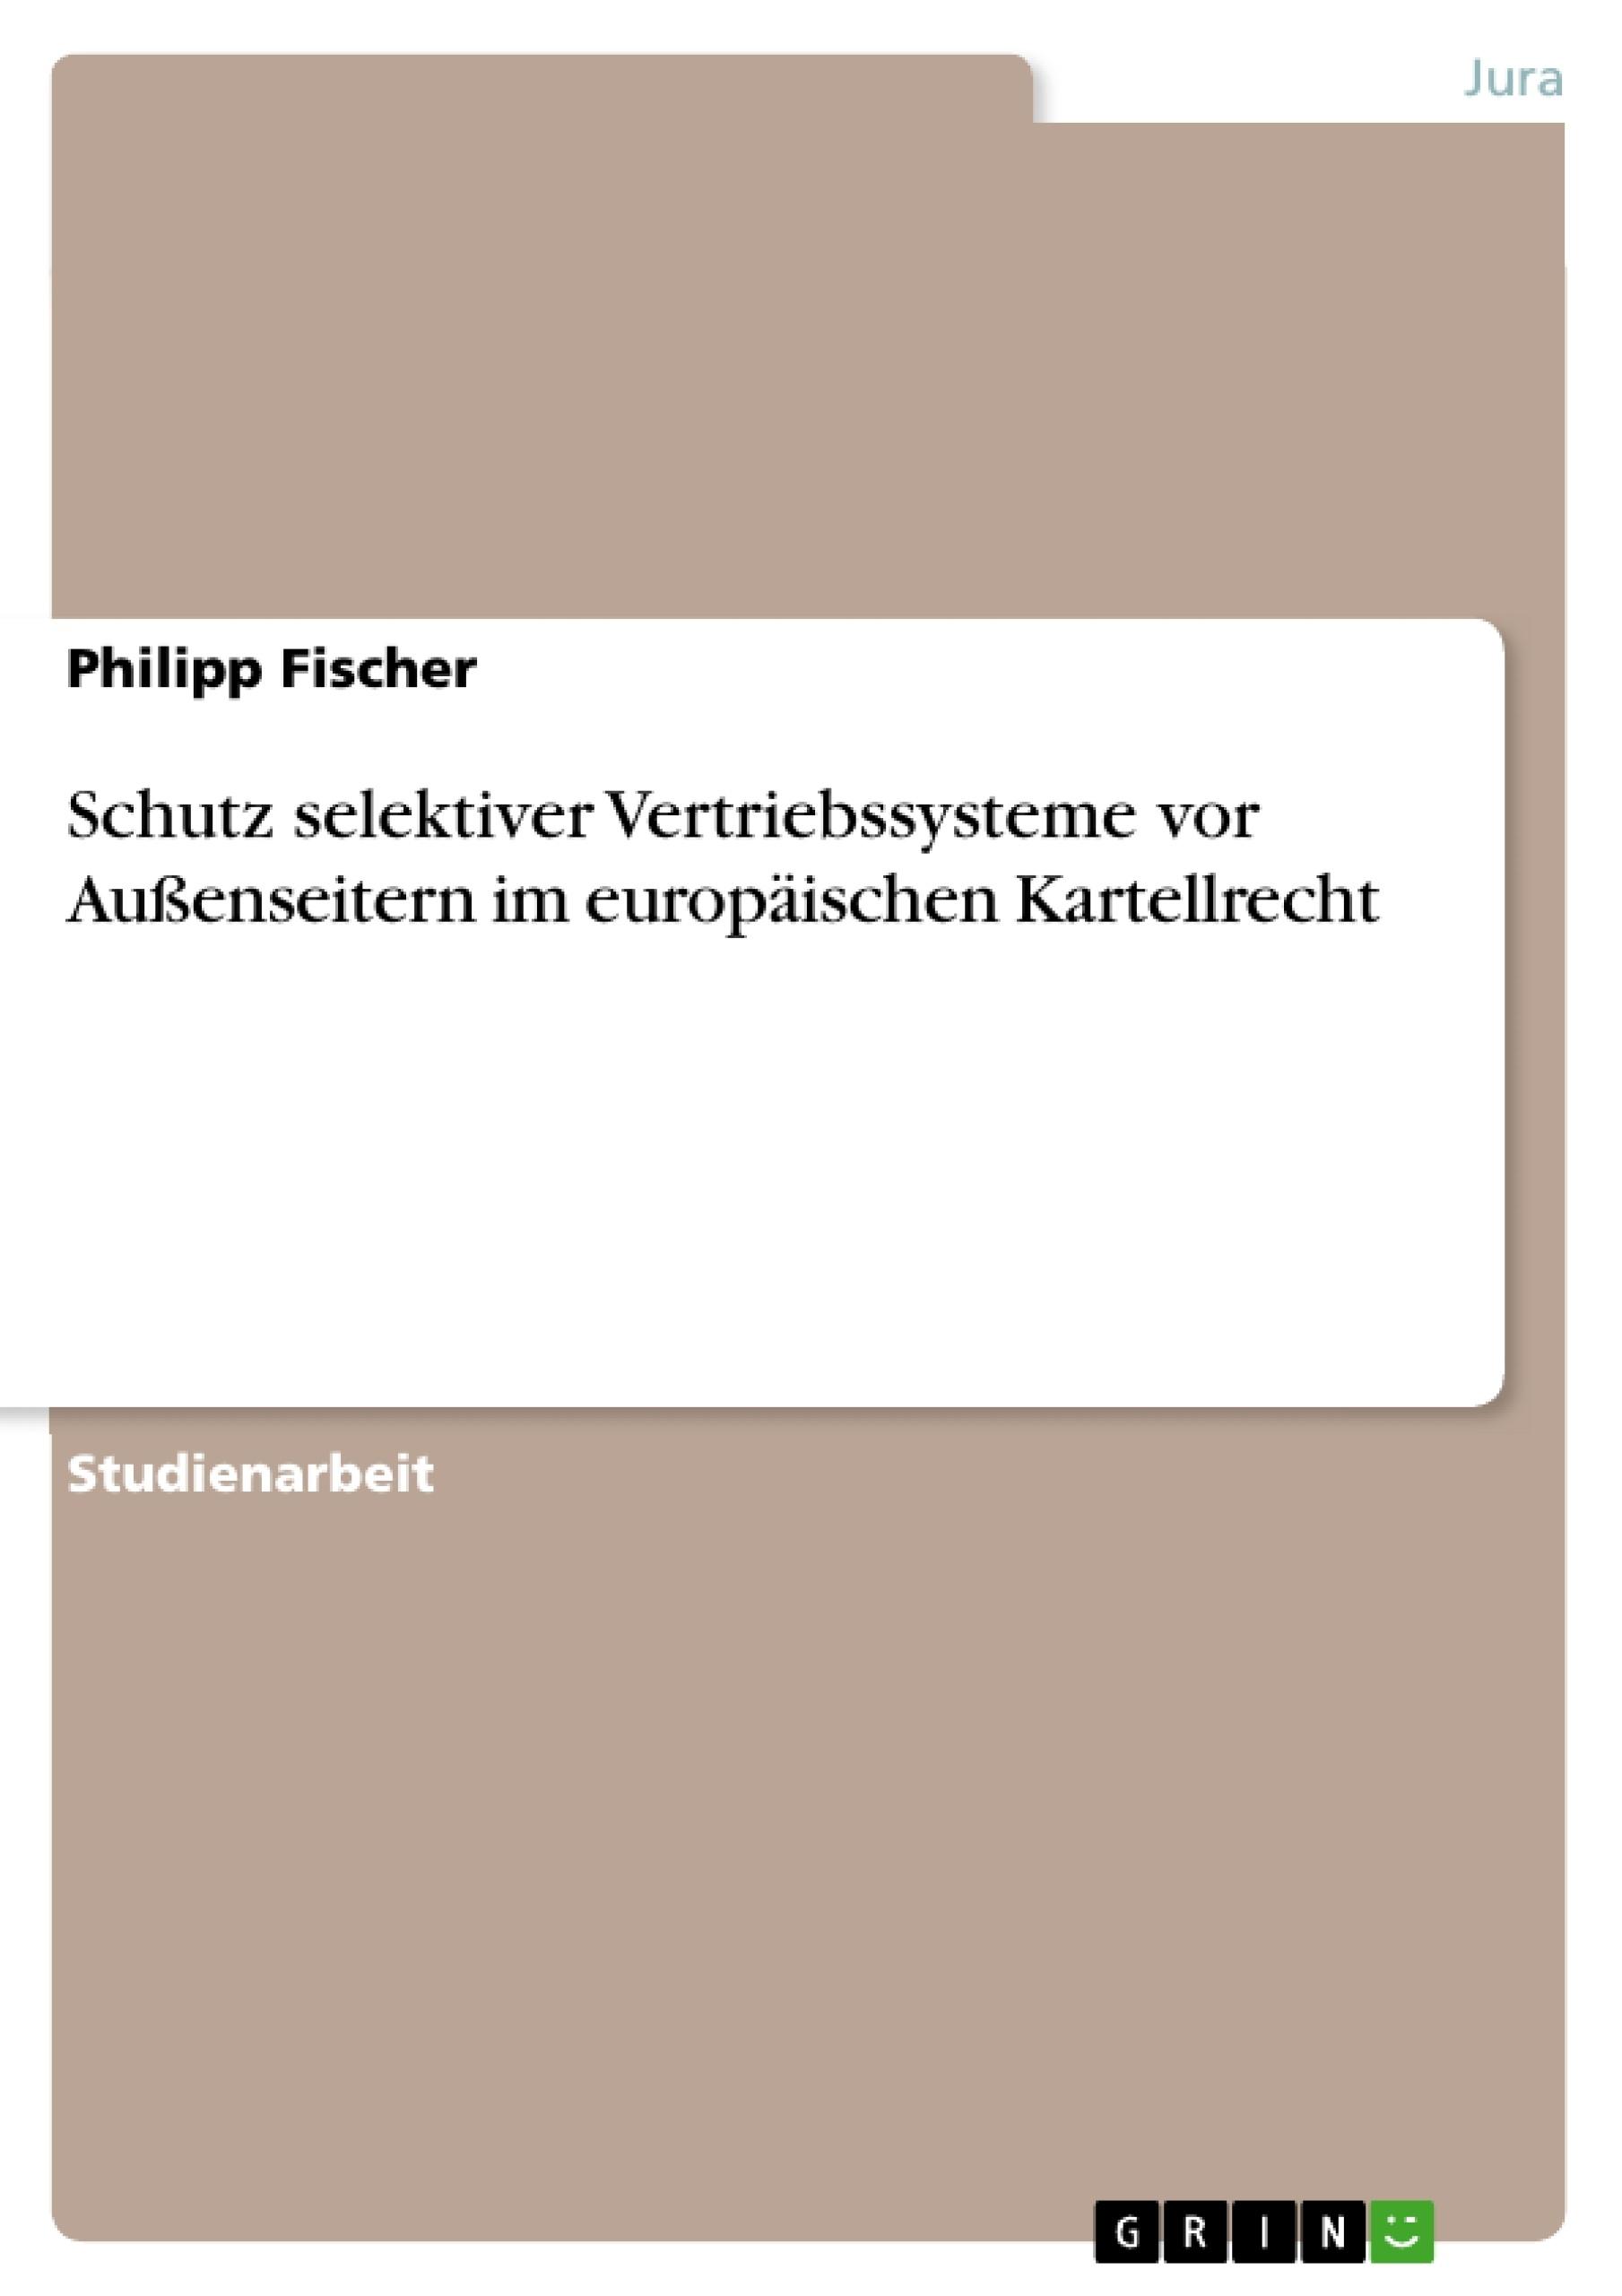 Titel: Schutz selektiver Vertriebssysteme vor Außenseitern im europäischen Kartellrecht